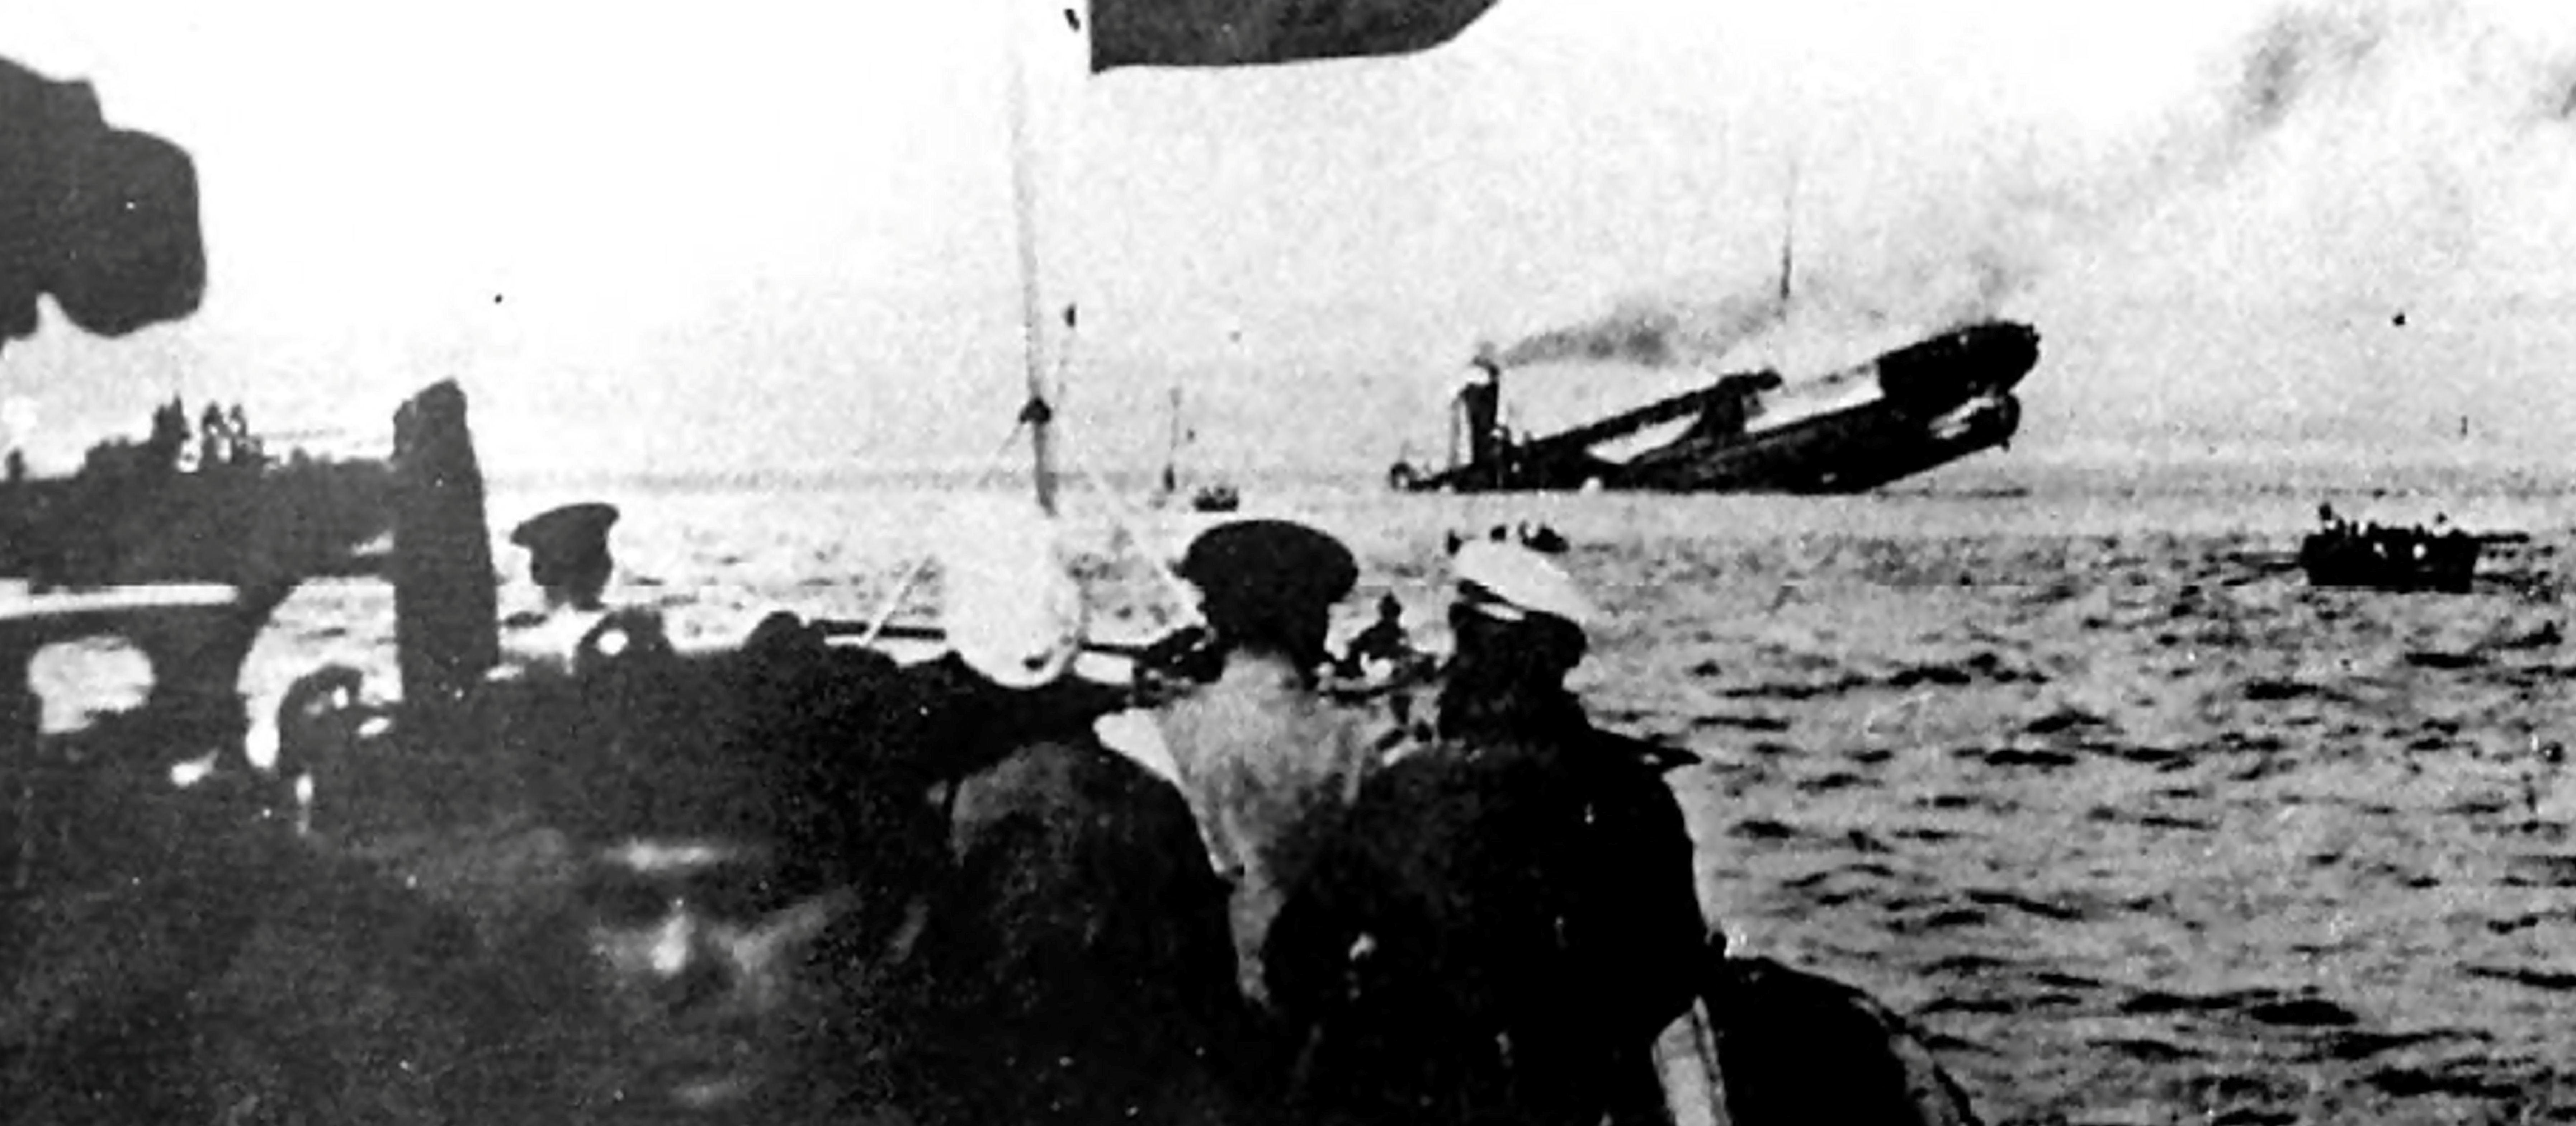 """10 octombrie 1941, ora 12:15, nava """"Regele Carol I"""" s-a scufundat în apele bulgărești ale Mării Negre, ducând în adâncuri trupurile a 21 de marinari."""